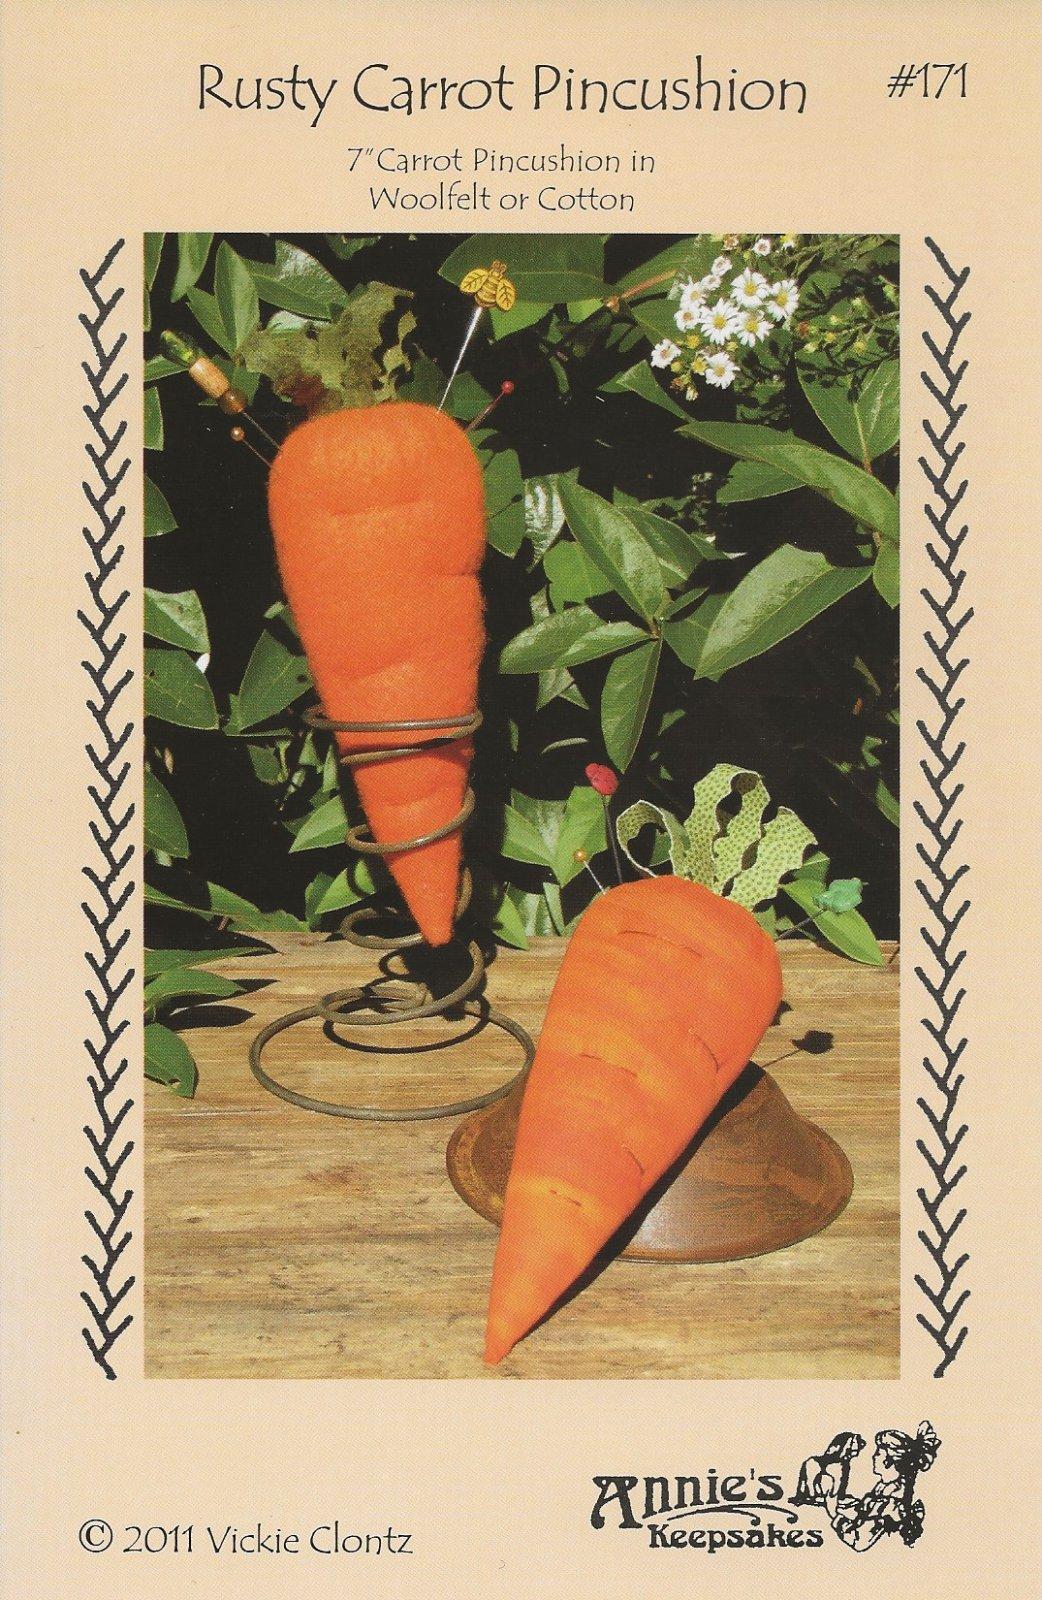 Rusty Carrot Pincushion